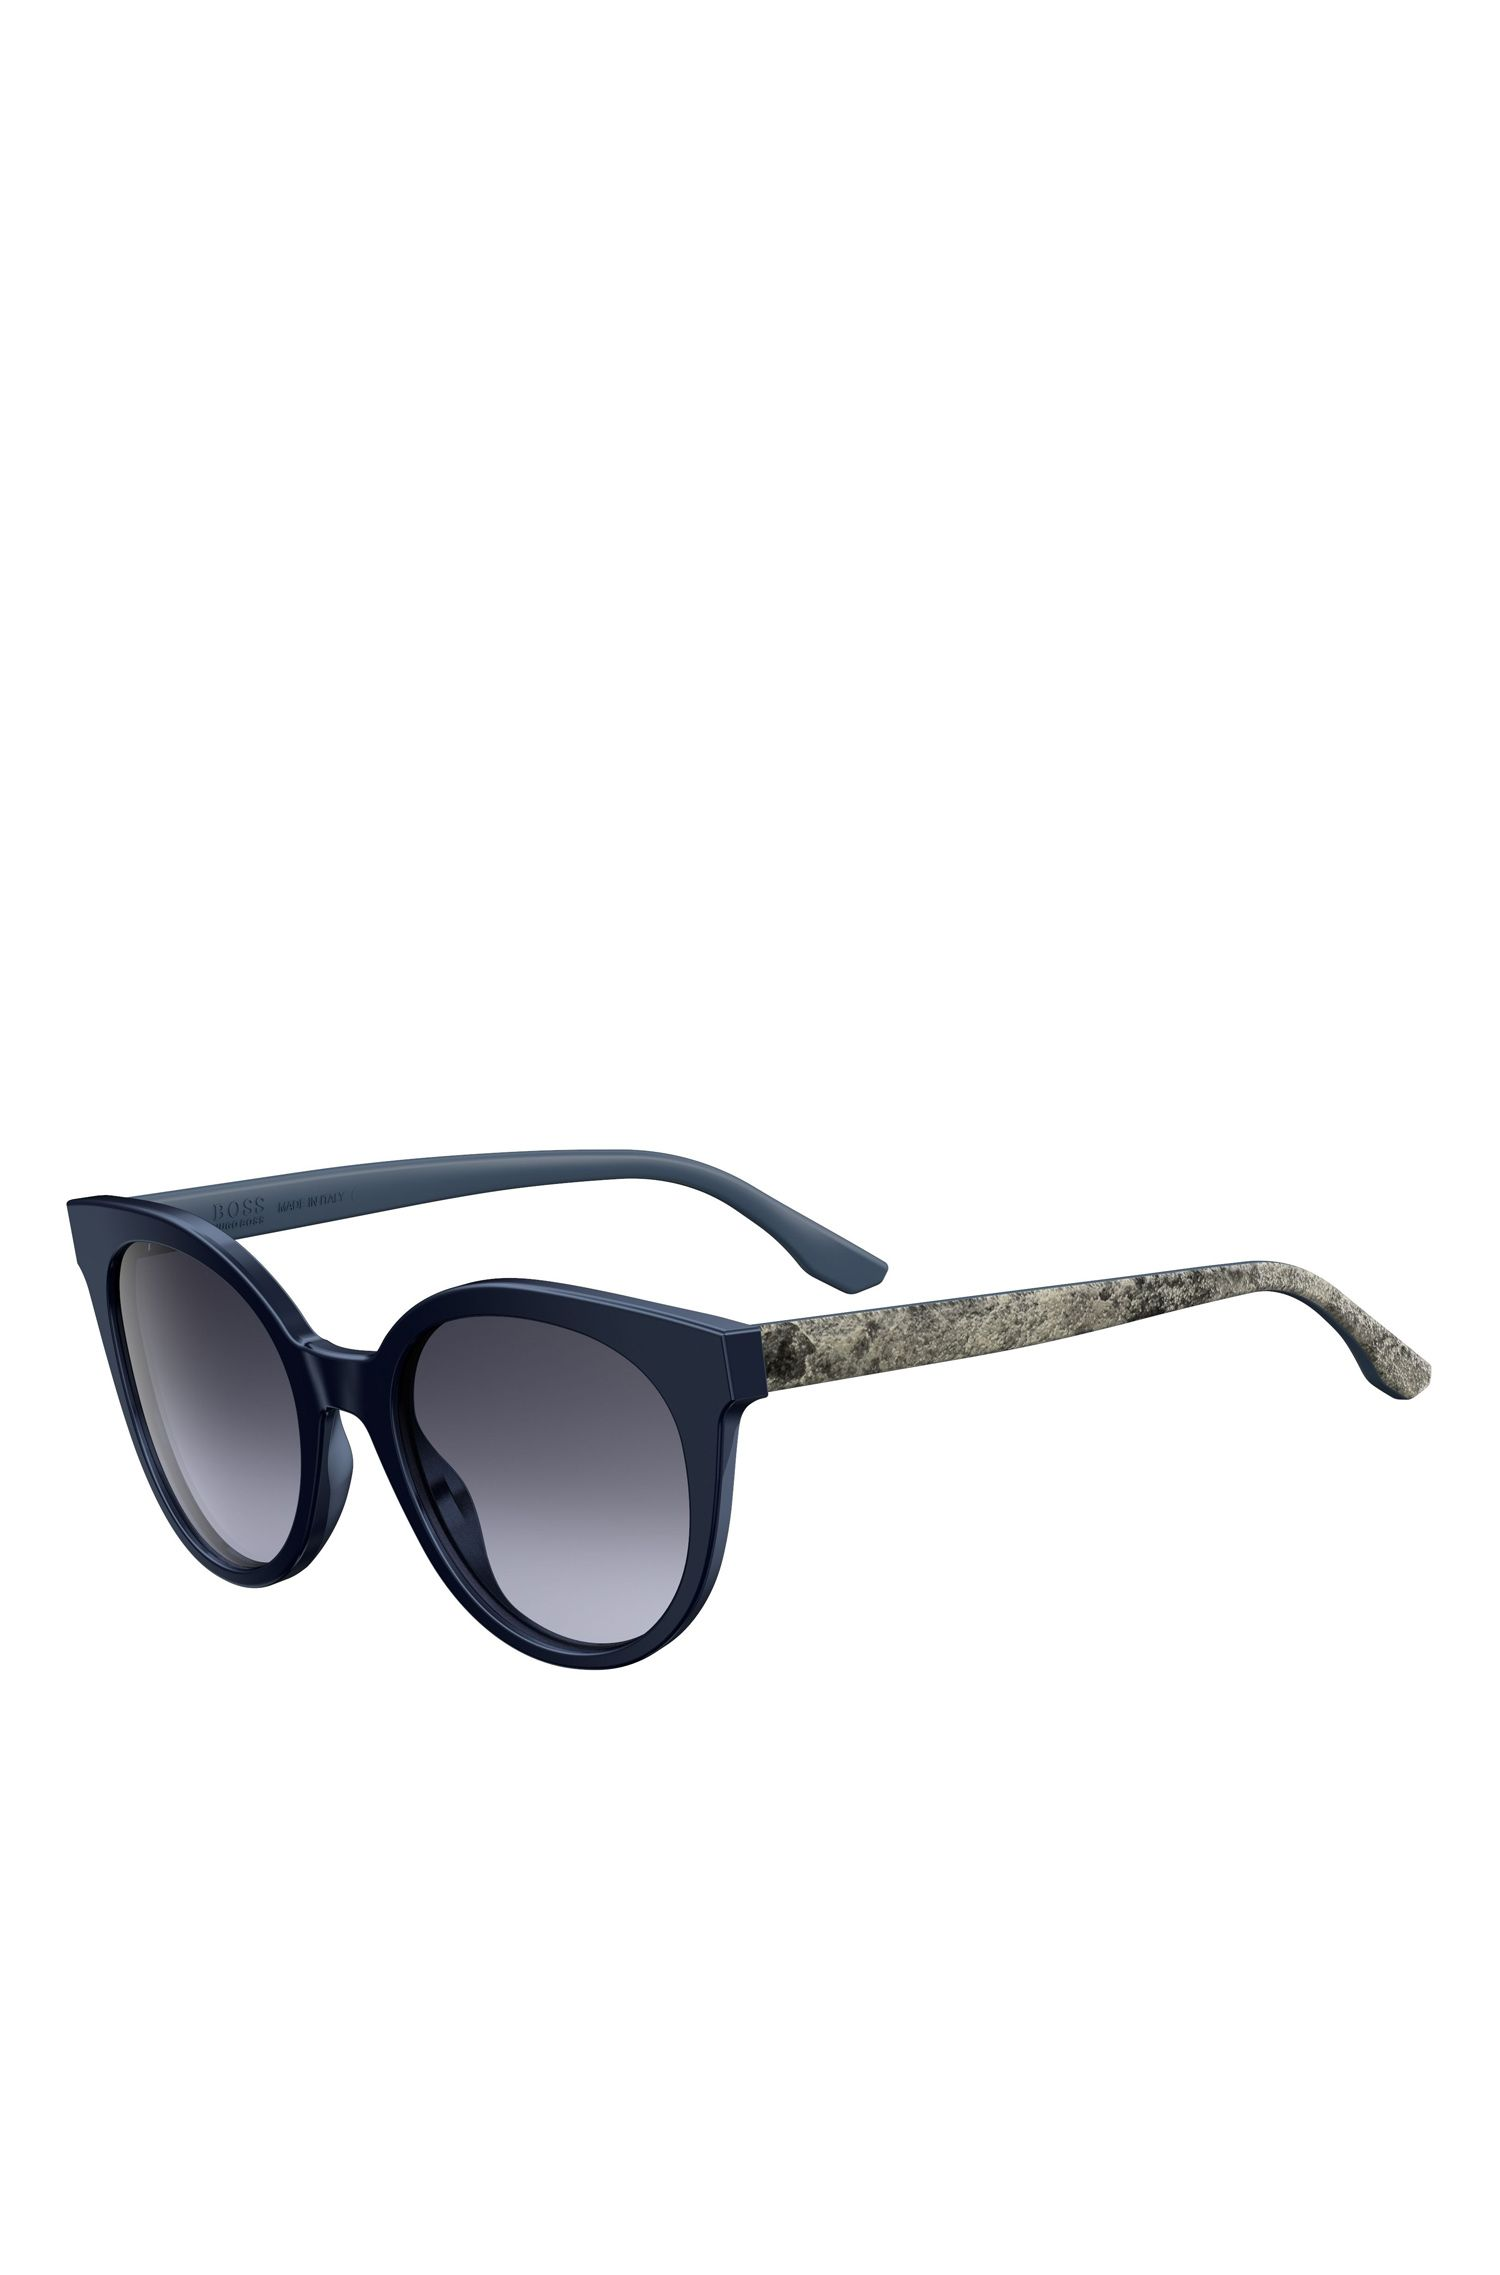 Tortoiseshell Acetate Round Sunglasses | BOSS 0890, Assorted-Pre-Pack